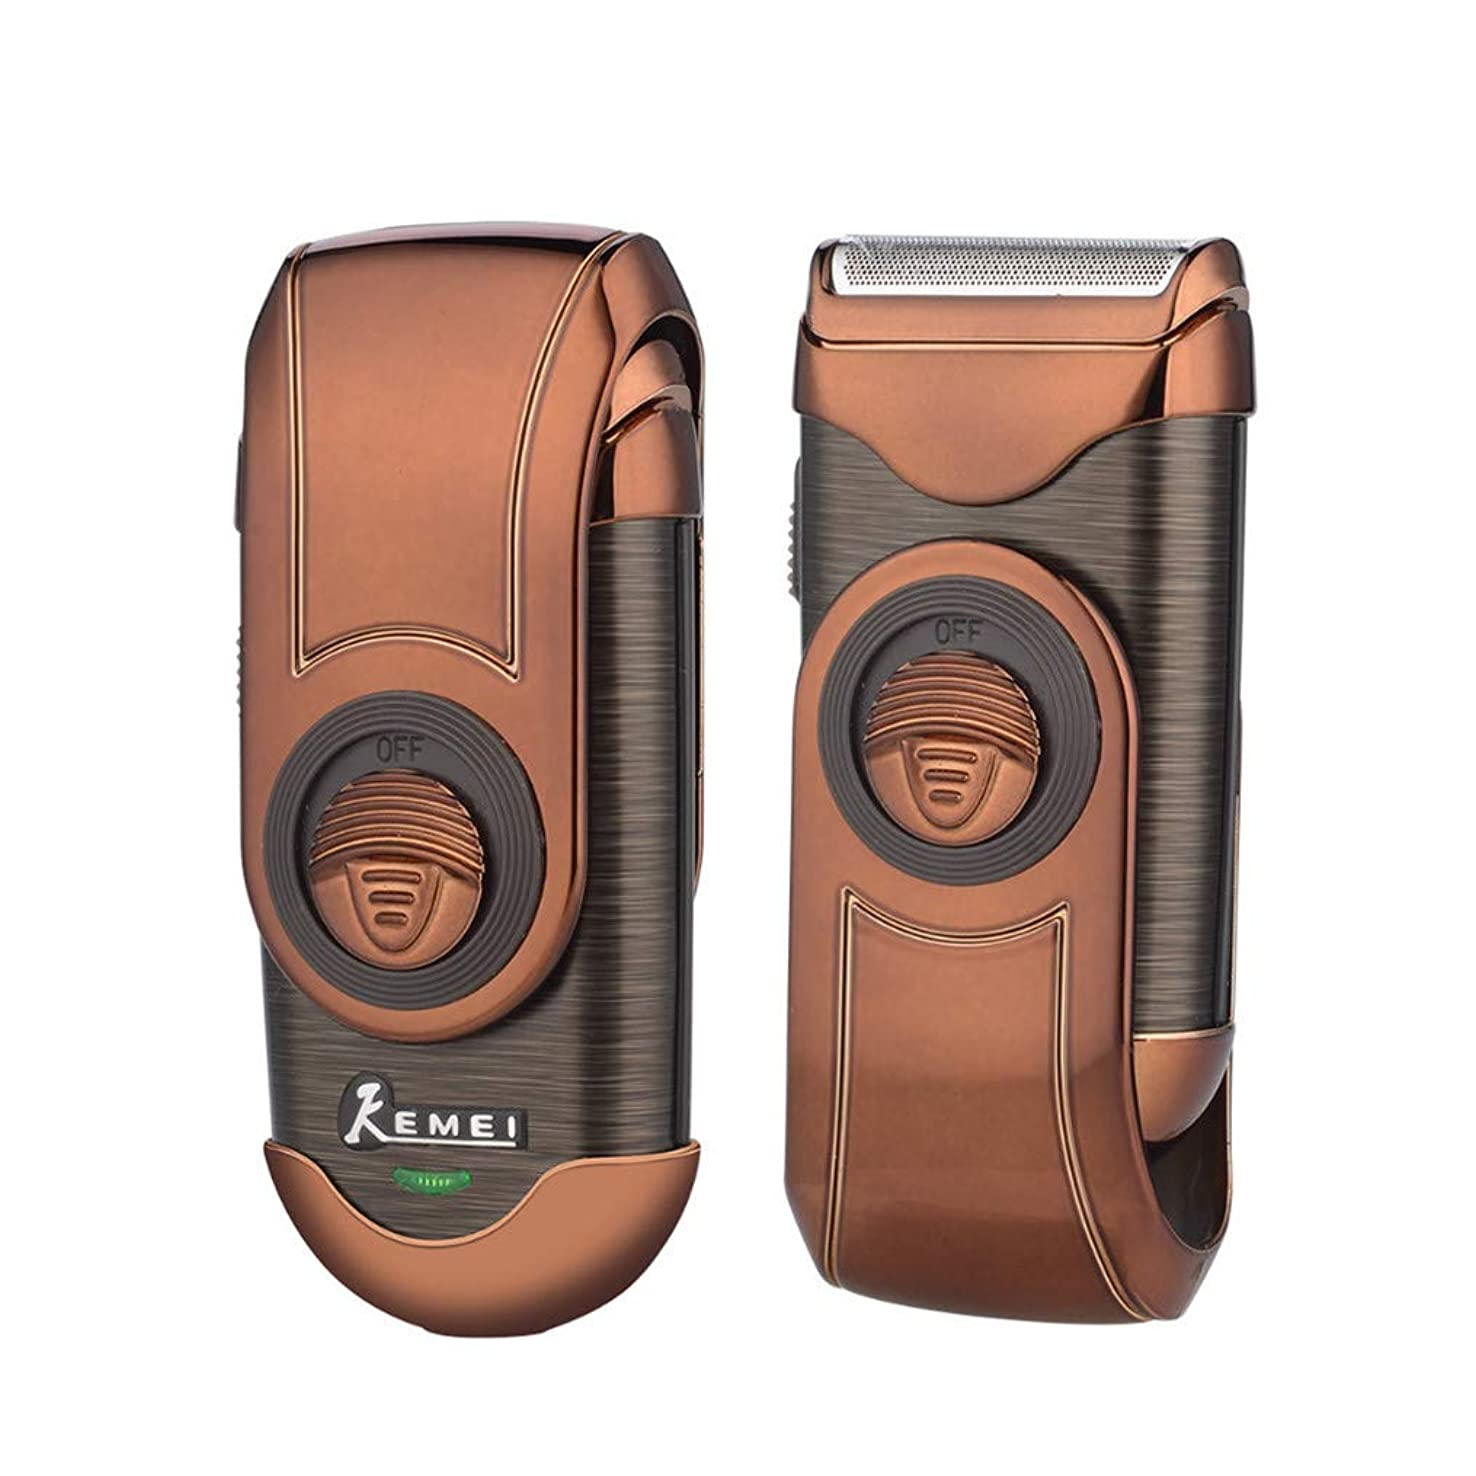 純度含めるクラシカル電動シェーバー 往復式 髭剃り 髪カット 携帯用メンズシェーバー トリマー付き 替え刃 旅行や出張に便利 ゴールド